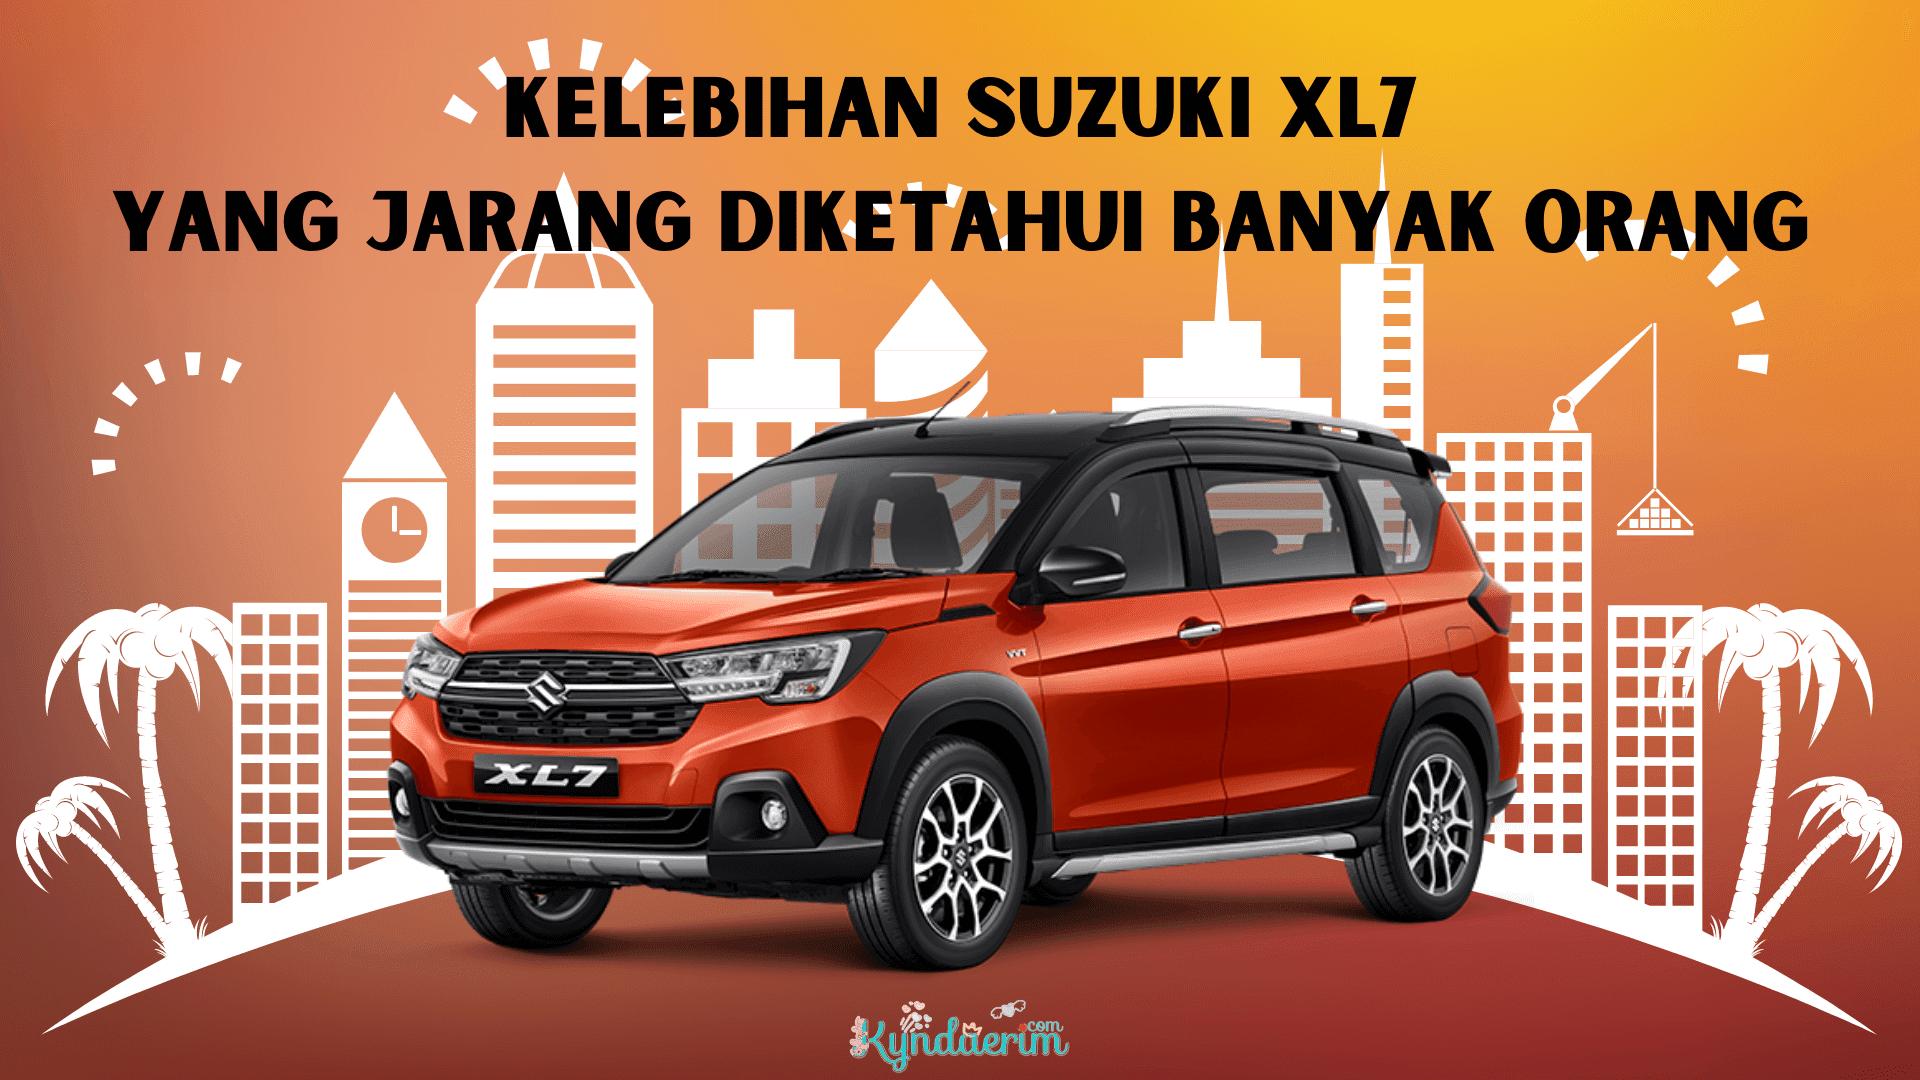 Kelebihan Suzuki XL7 yang Jarang Diketahui Banyak Orang